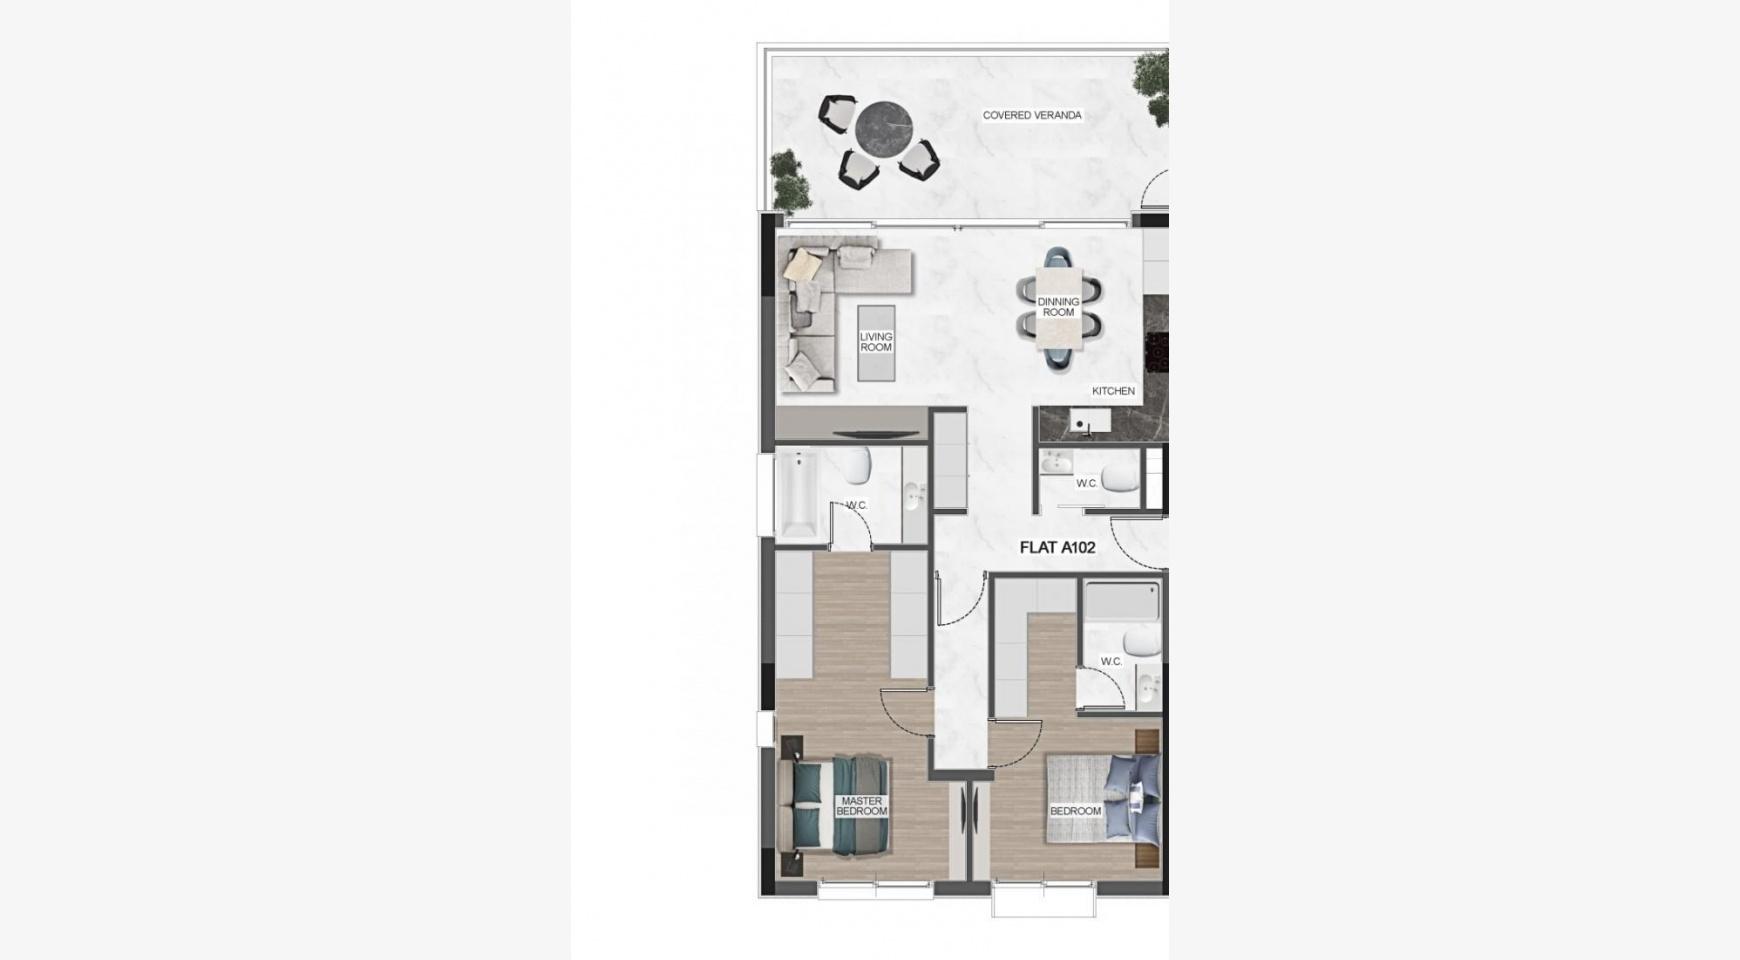 Urban City Residences, Кв. A 401. 3-Спальная Квартира в Новом Комплексе в Центре Города - 42